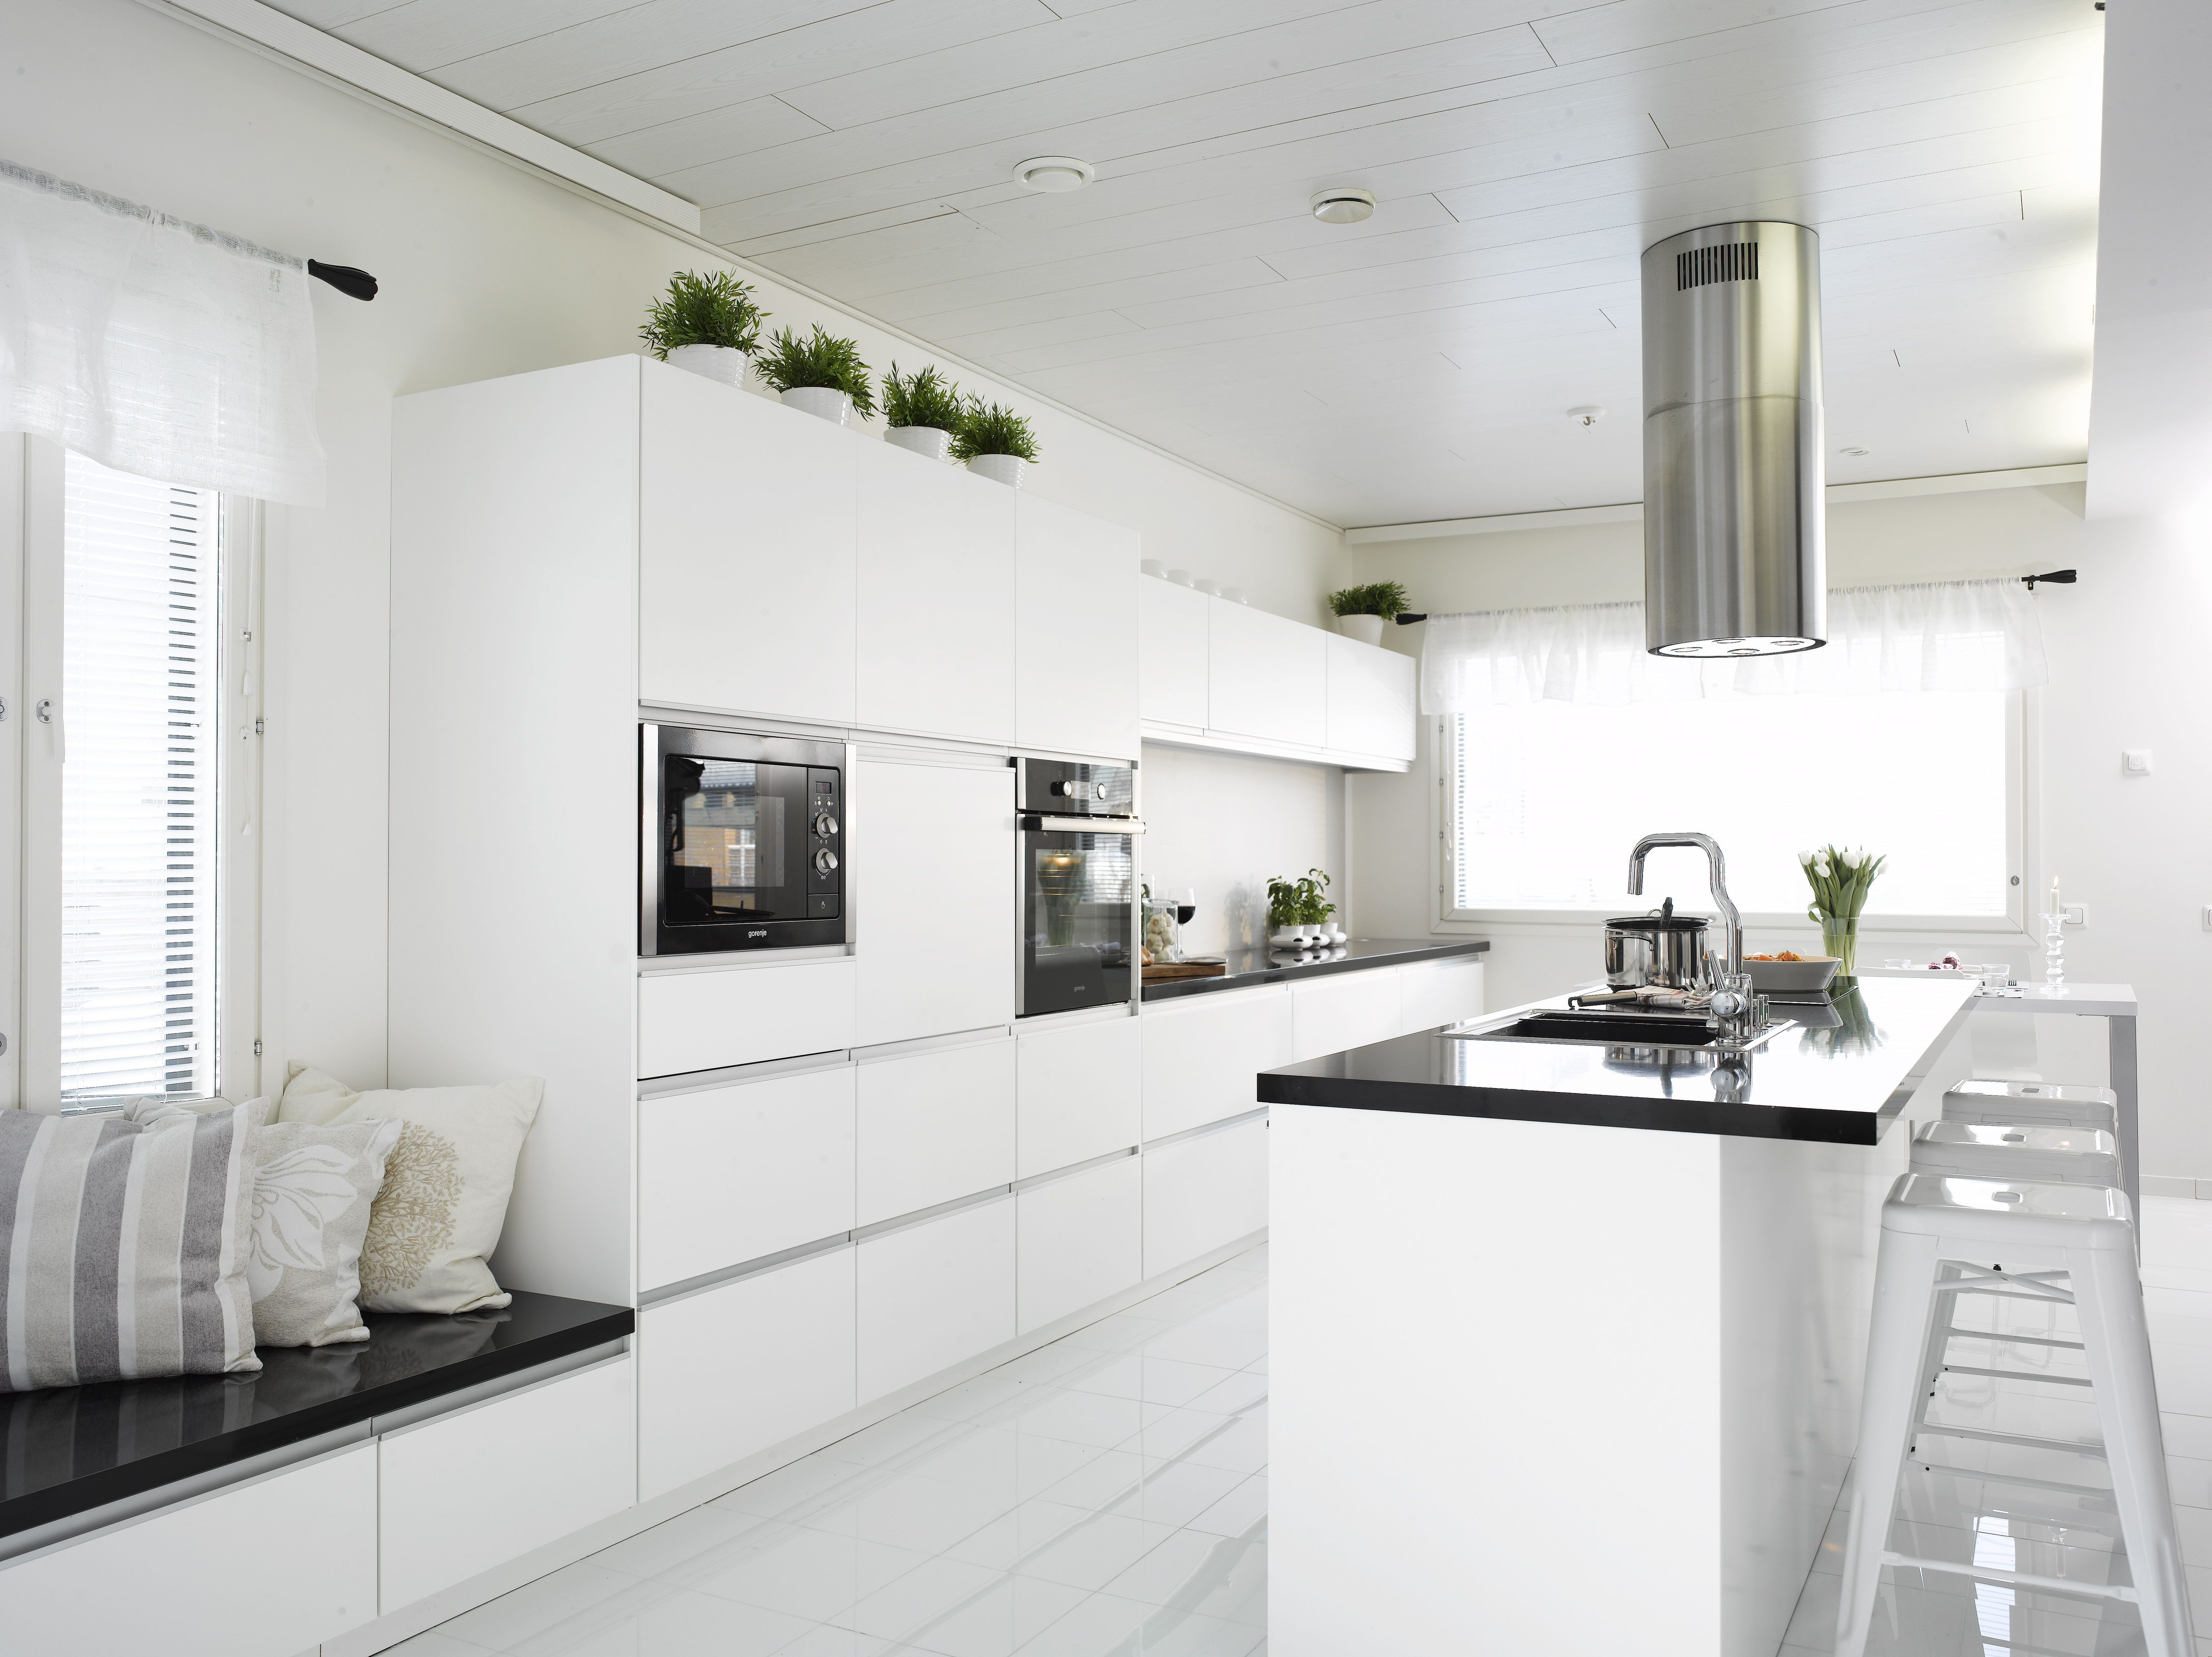 Moderni valkoinen ja selkeälinjainen keittiö Vetimien tilalla vetolaatikoide